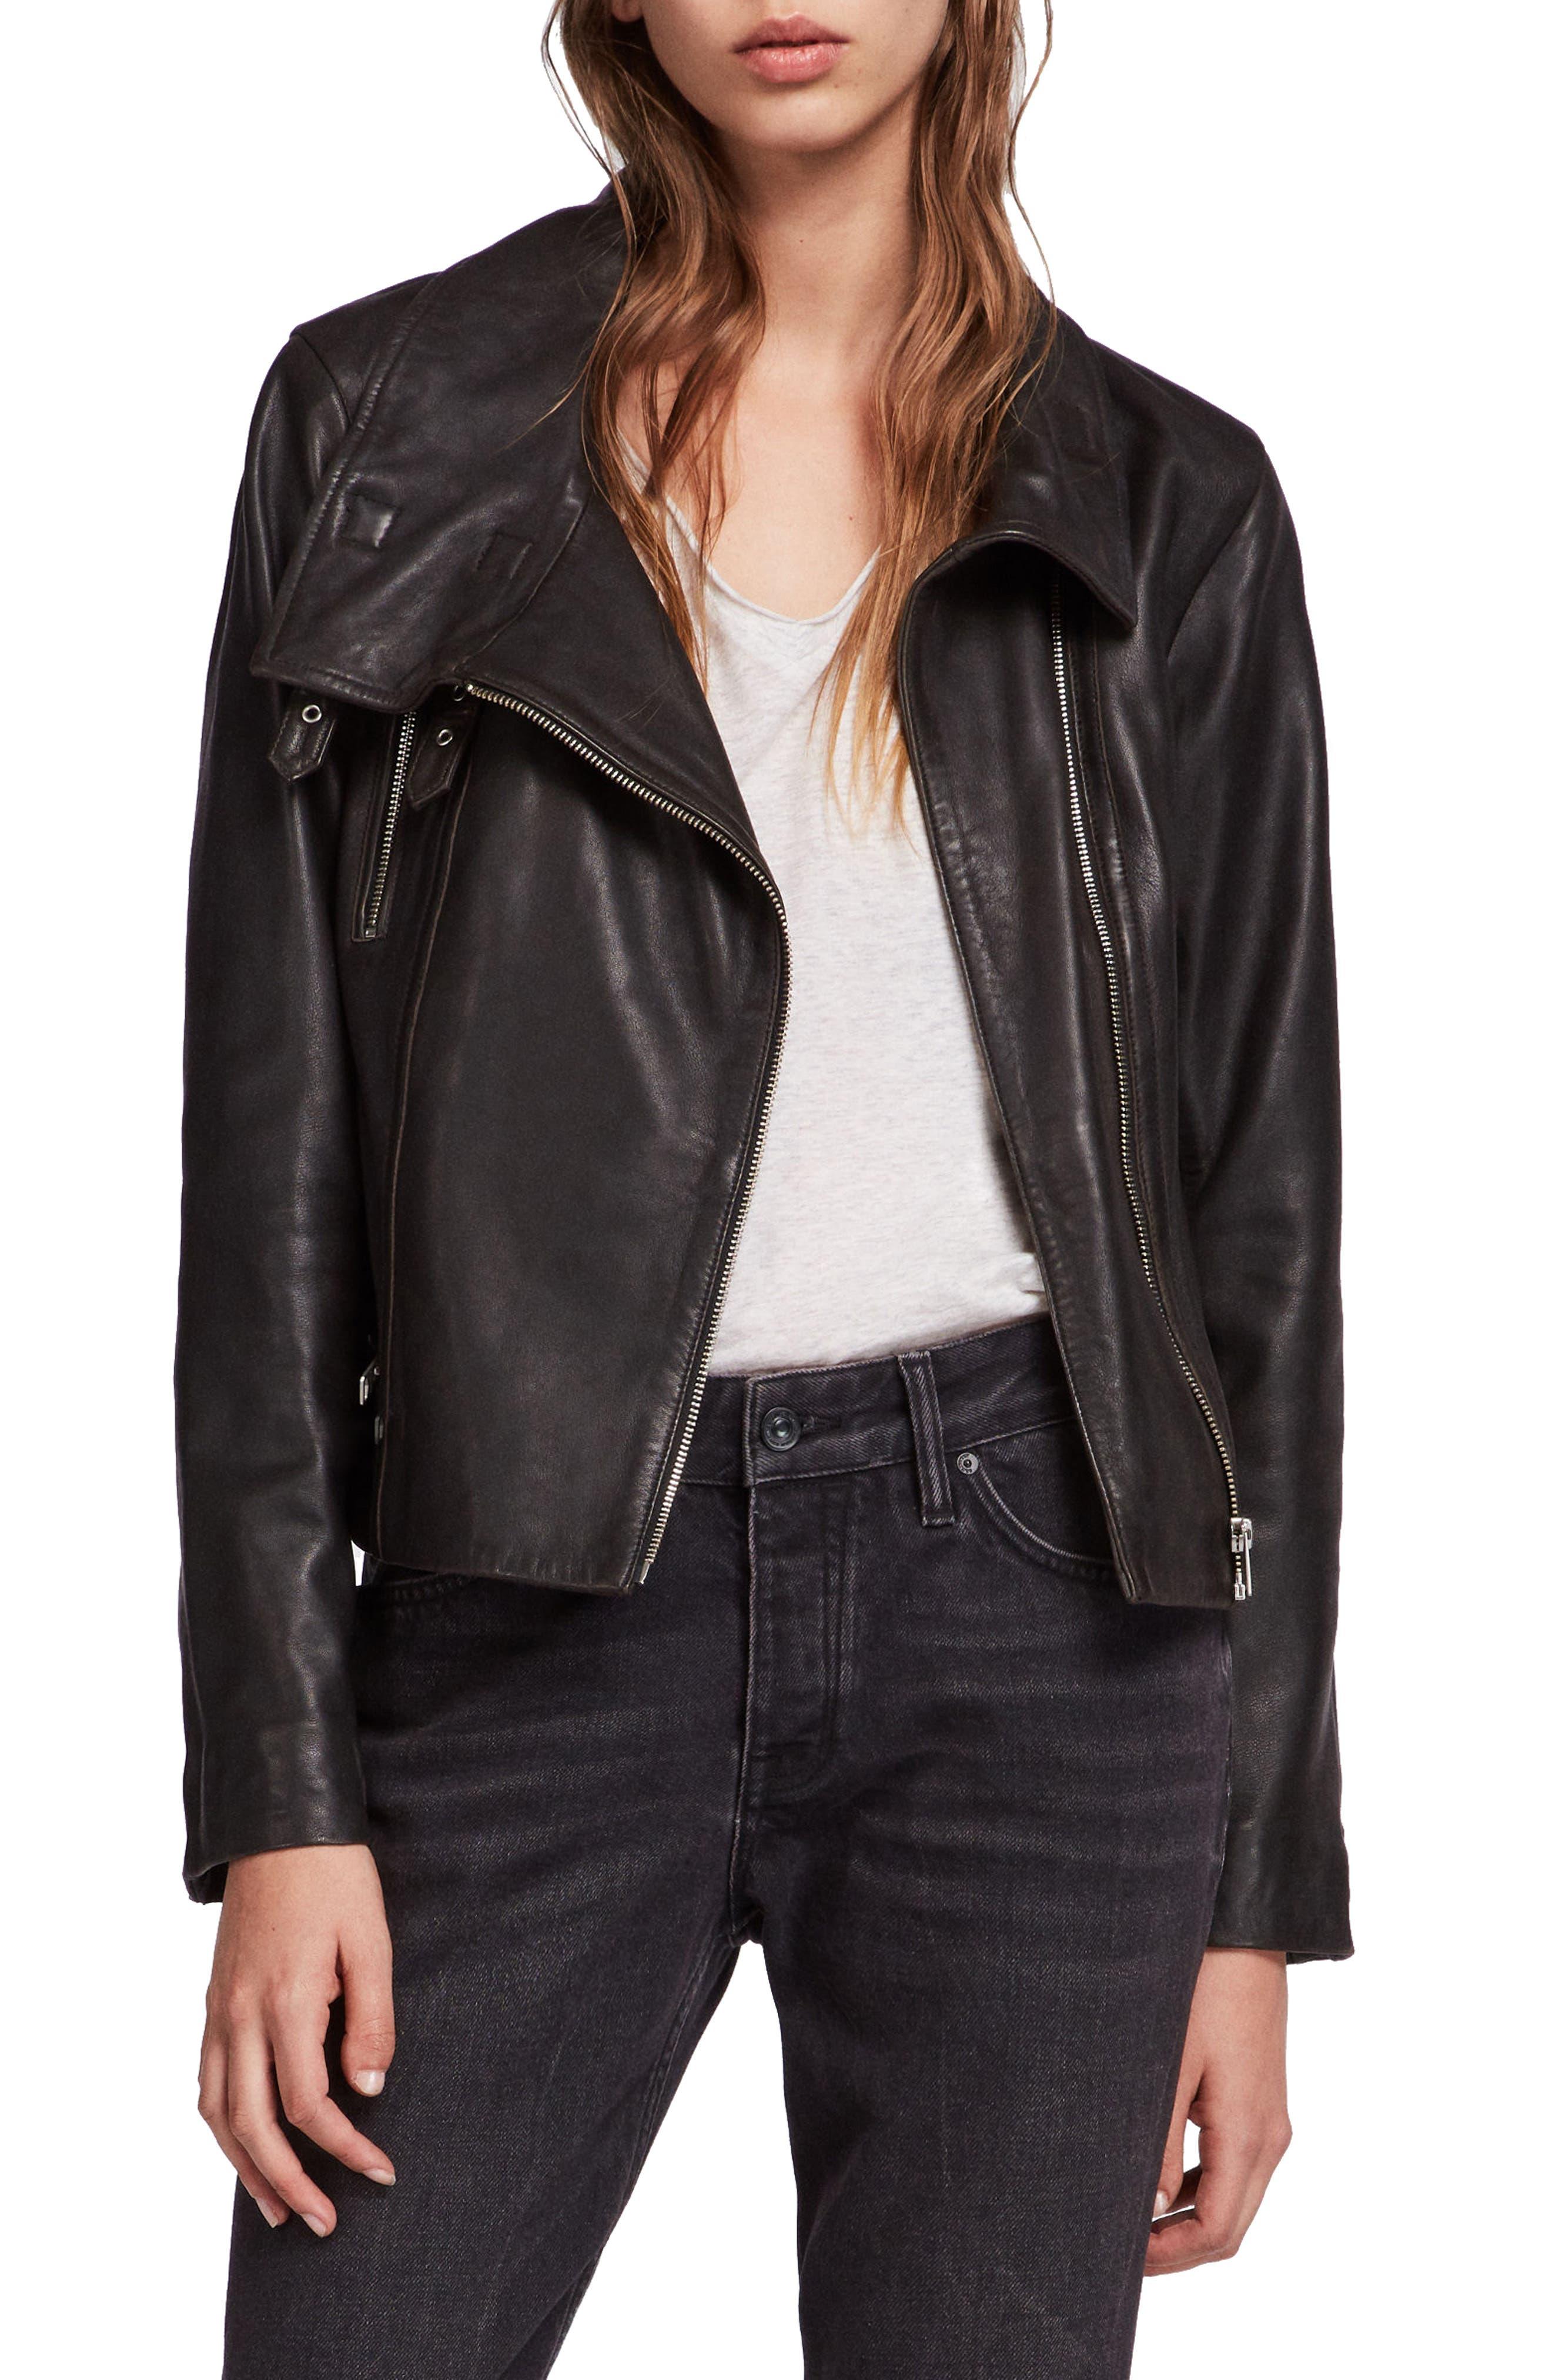 ALLSAINTS, Bales Leather Biker Jacket, Main thumbnail 1, color, BLACK